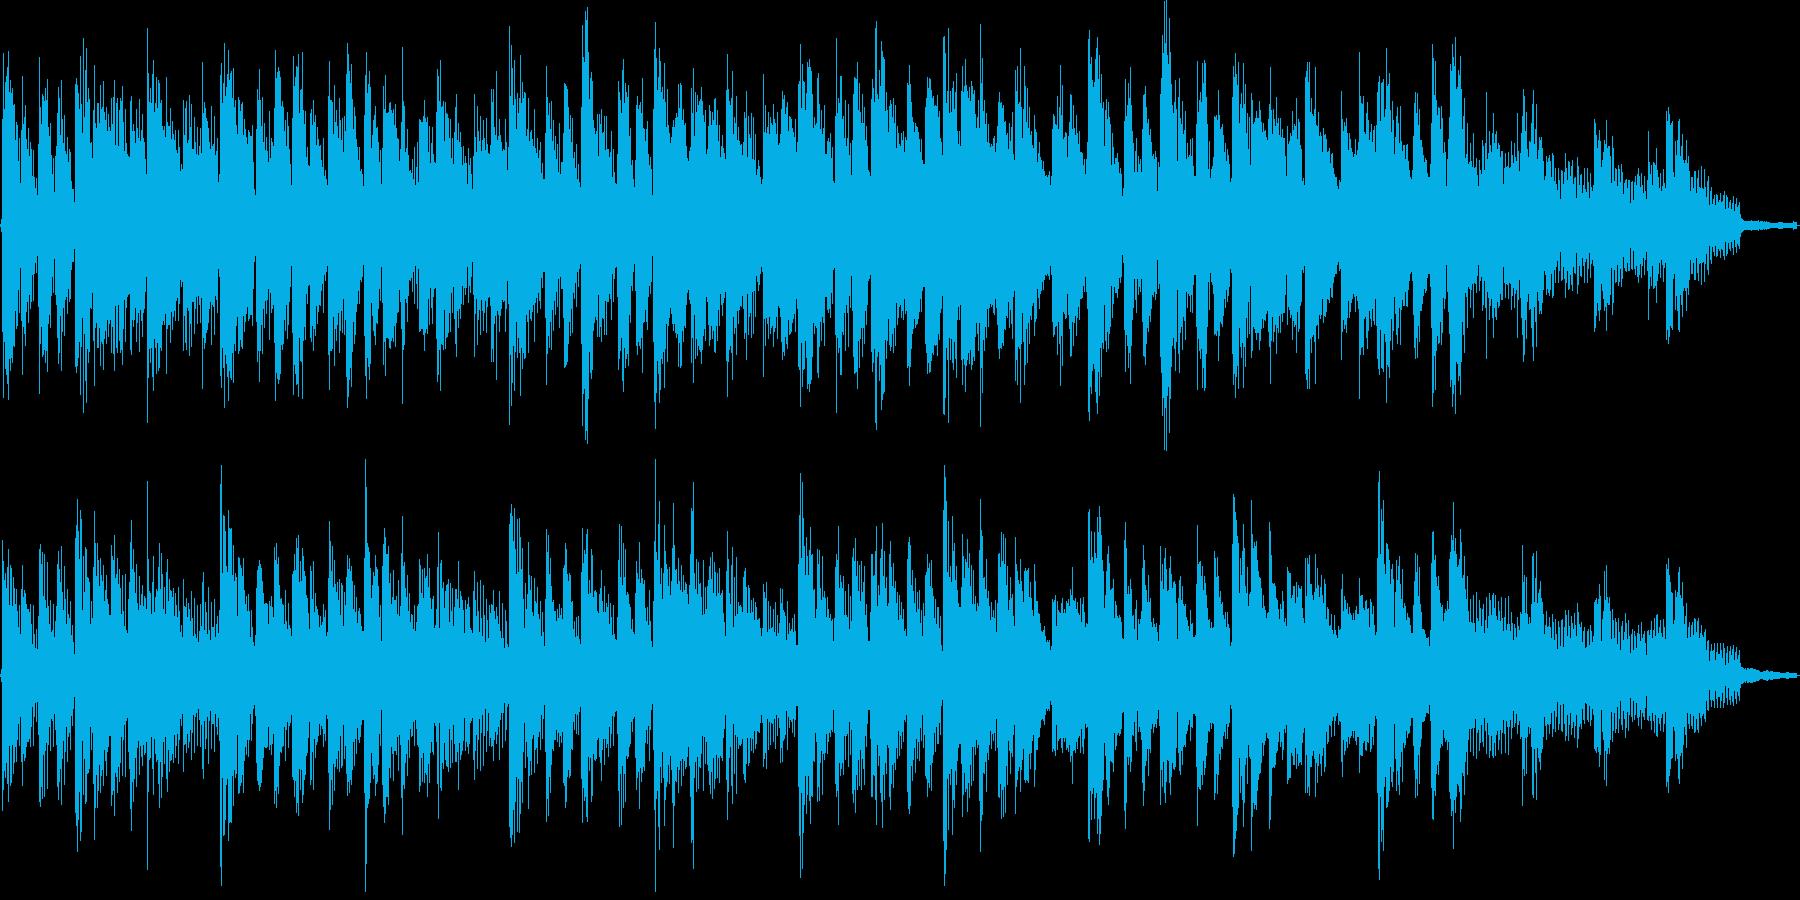 おしゃれで爽やかなシンプル15秒BGMの再生済みの波形